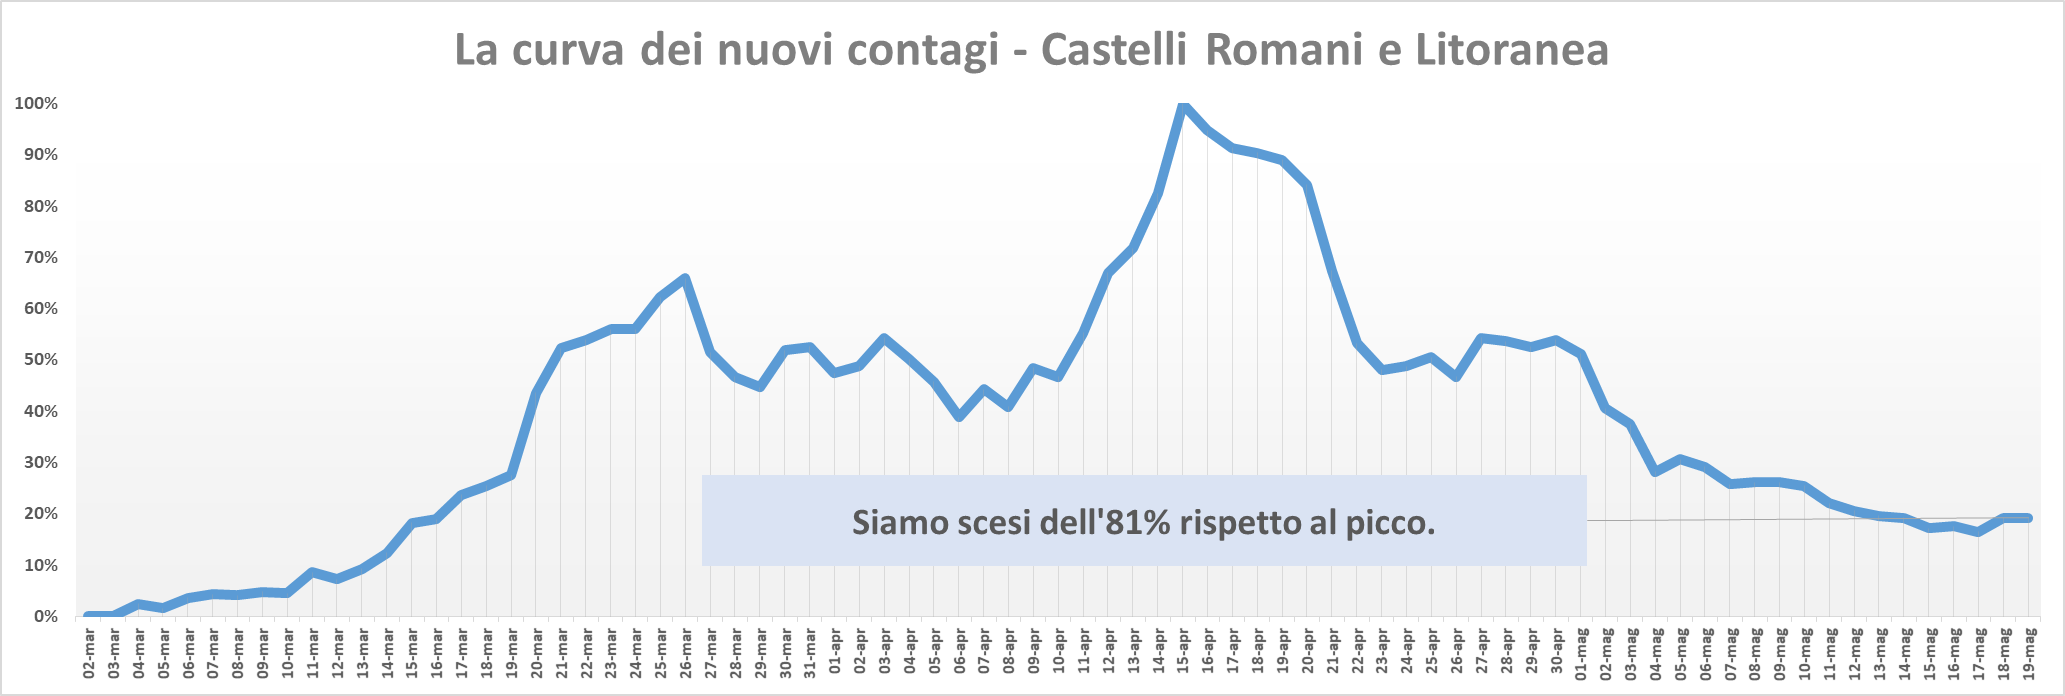 comunisti_castelli_andamento_contagi_asl_rm_6_19_05